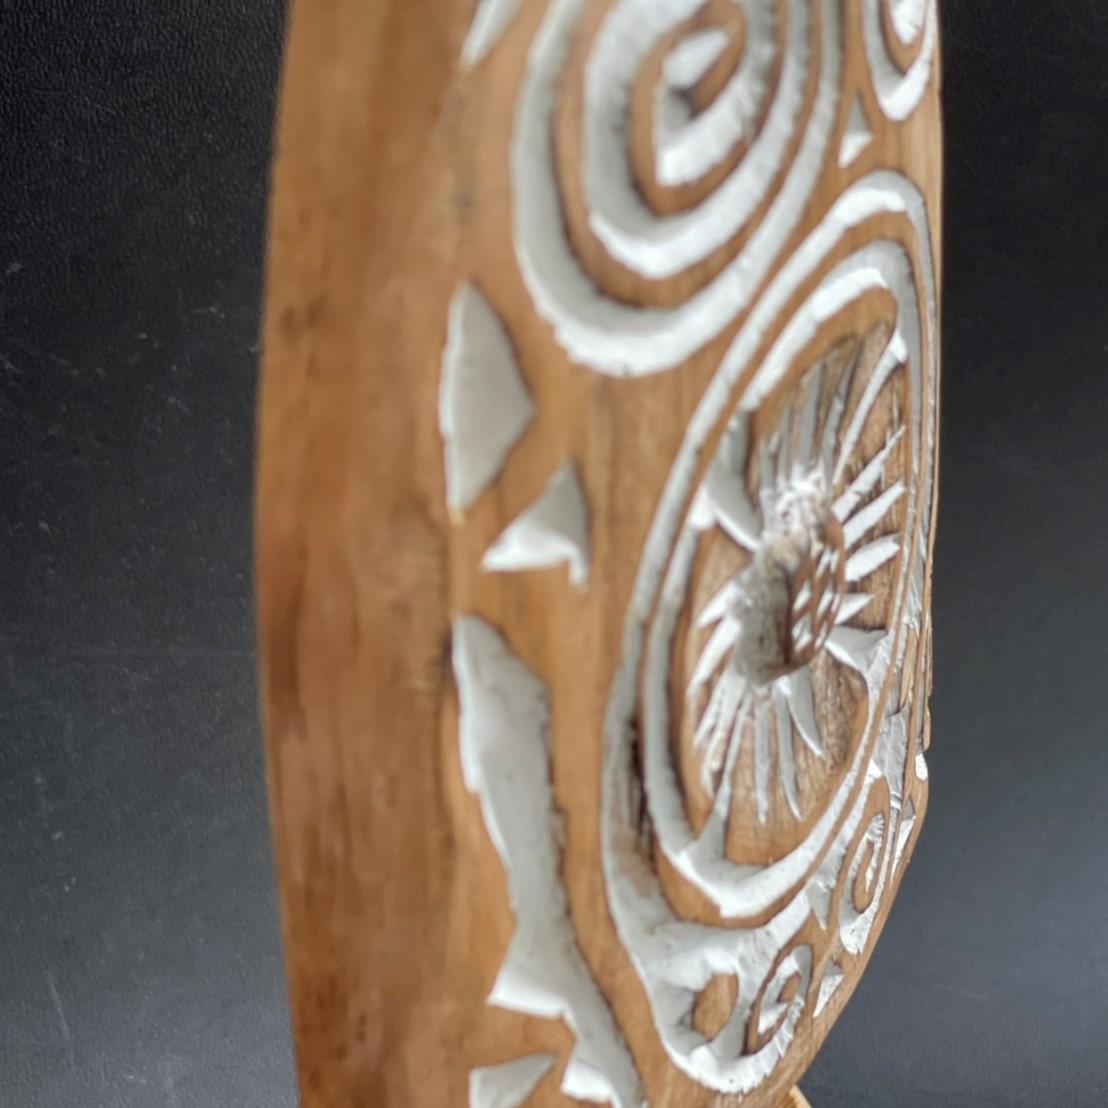 ティモール オブジェ/卓上オブジェ/セイル/帆/木彫り